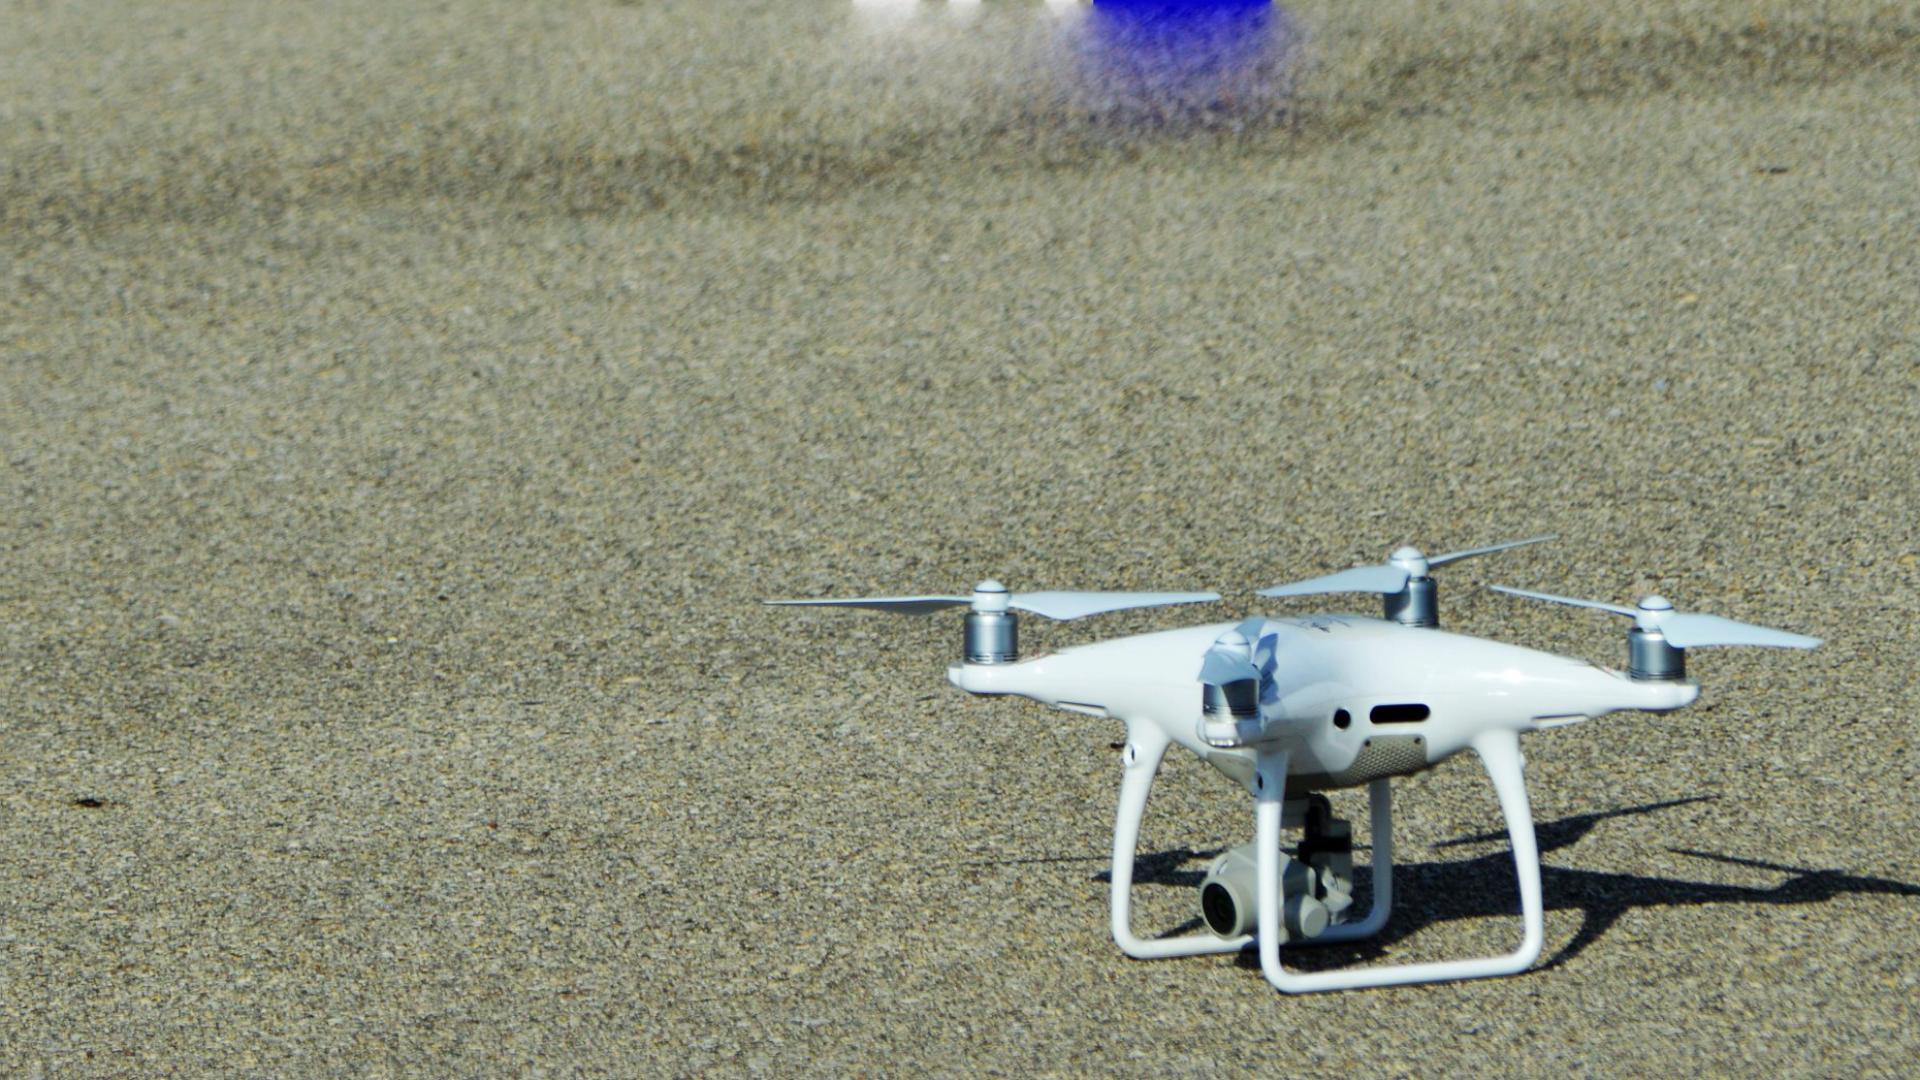 CHỌN LOẠI DRONE NÀO THÍCH HỢP CHO TRẺ NHỎ 4